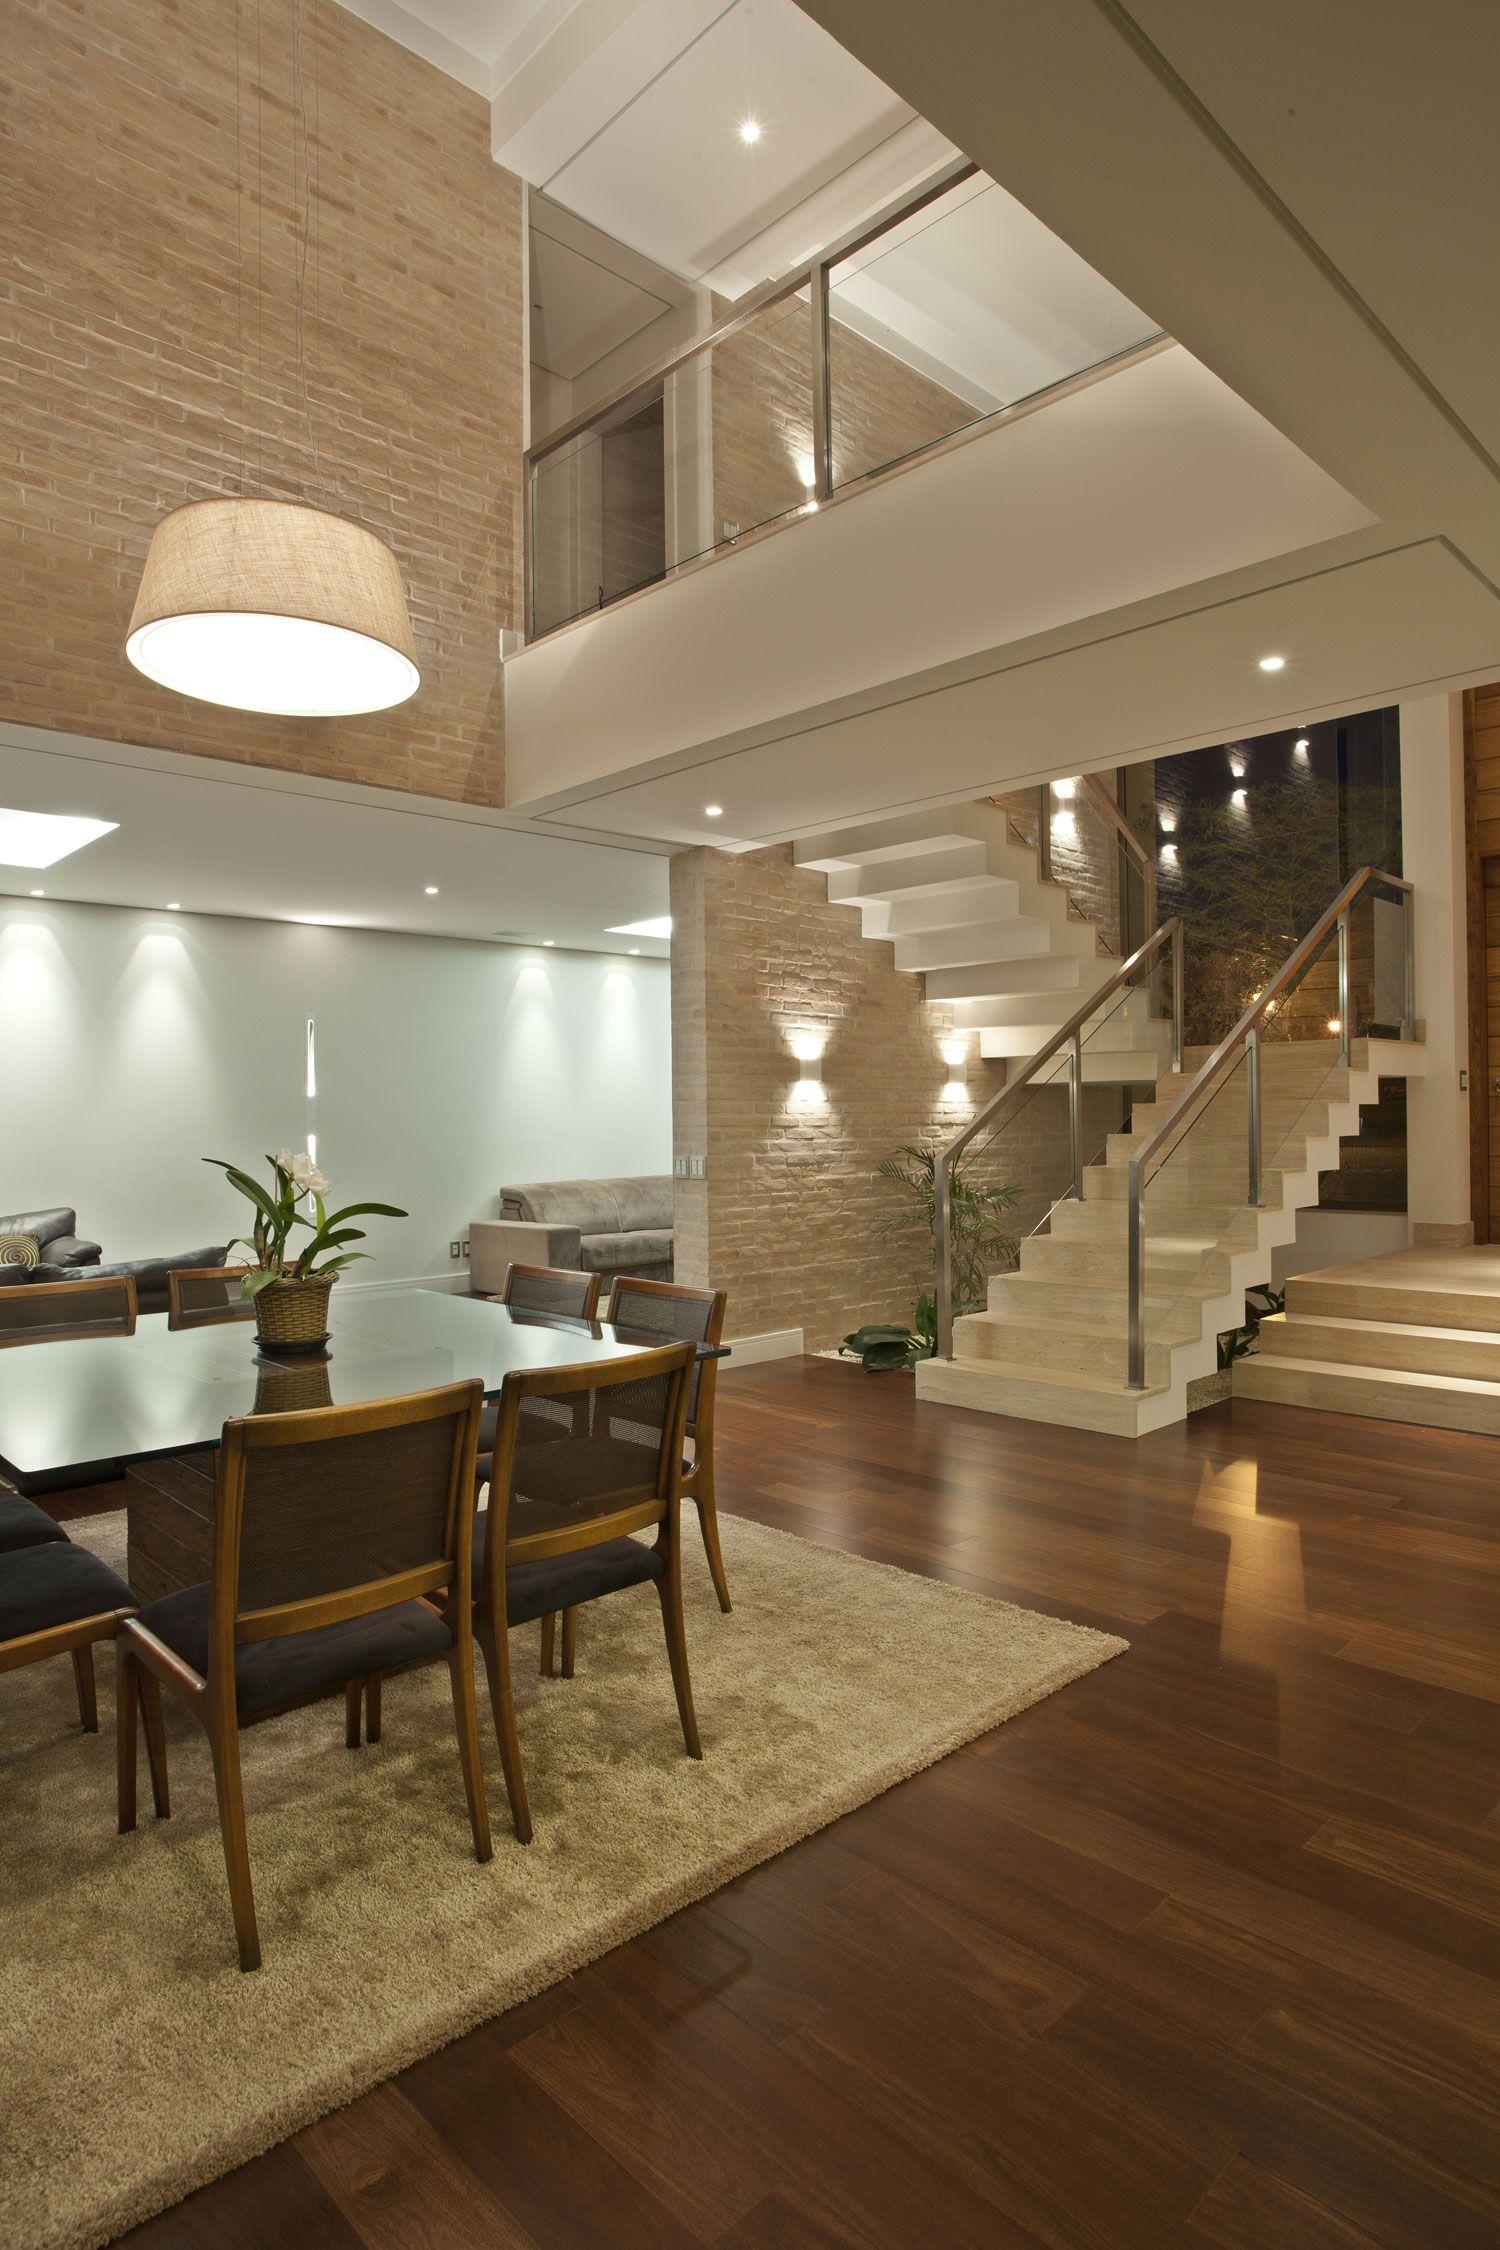 Idee Architettura Interni Casa.Pin Di Gasparrino Stefania Su Idee Per La Casa Nel 2019